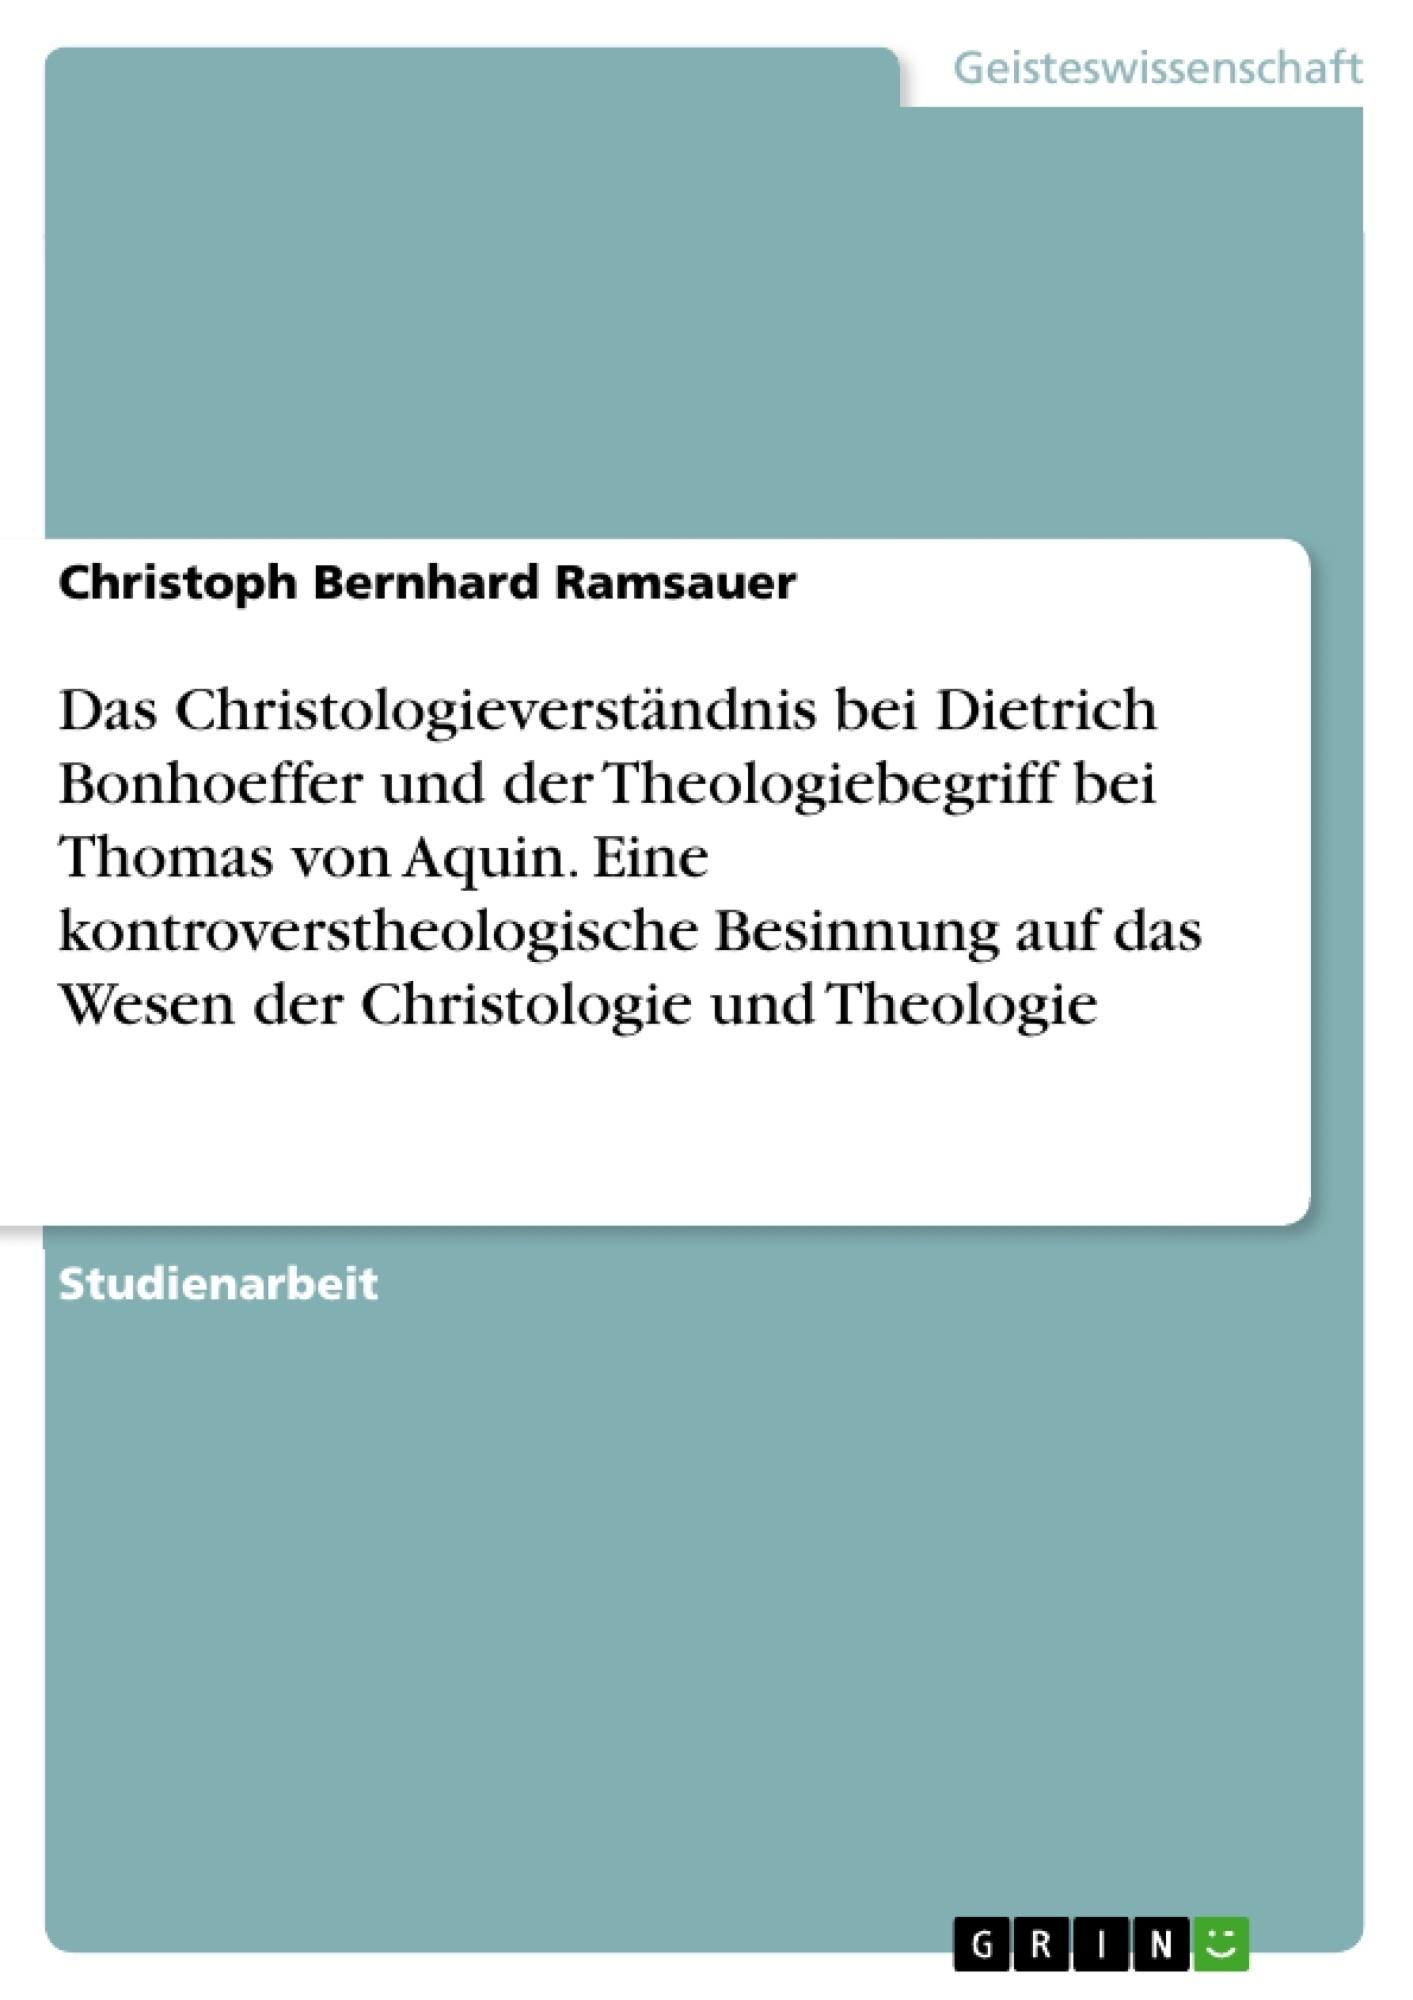 Titel: Das Christologieverständnis bei Dietrich Bonhoeffer und der Theologiebegriff bei Thomas von Aquin. Eine kontroverstheologische Besinnung auf das Wesen der Christologie und Theologie